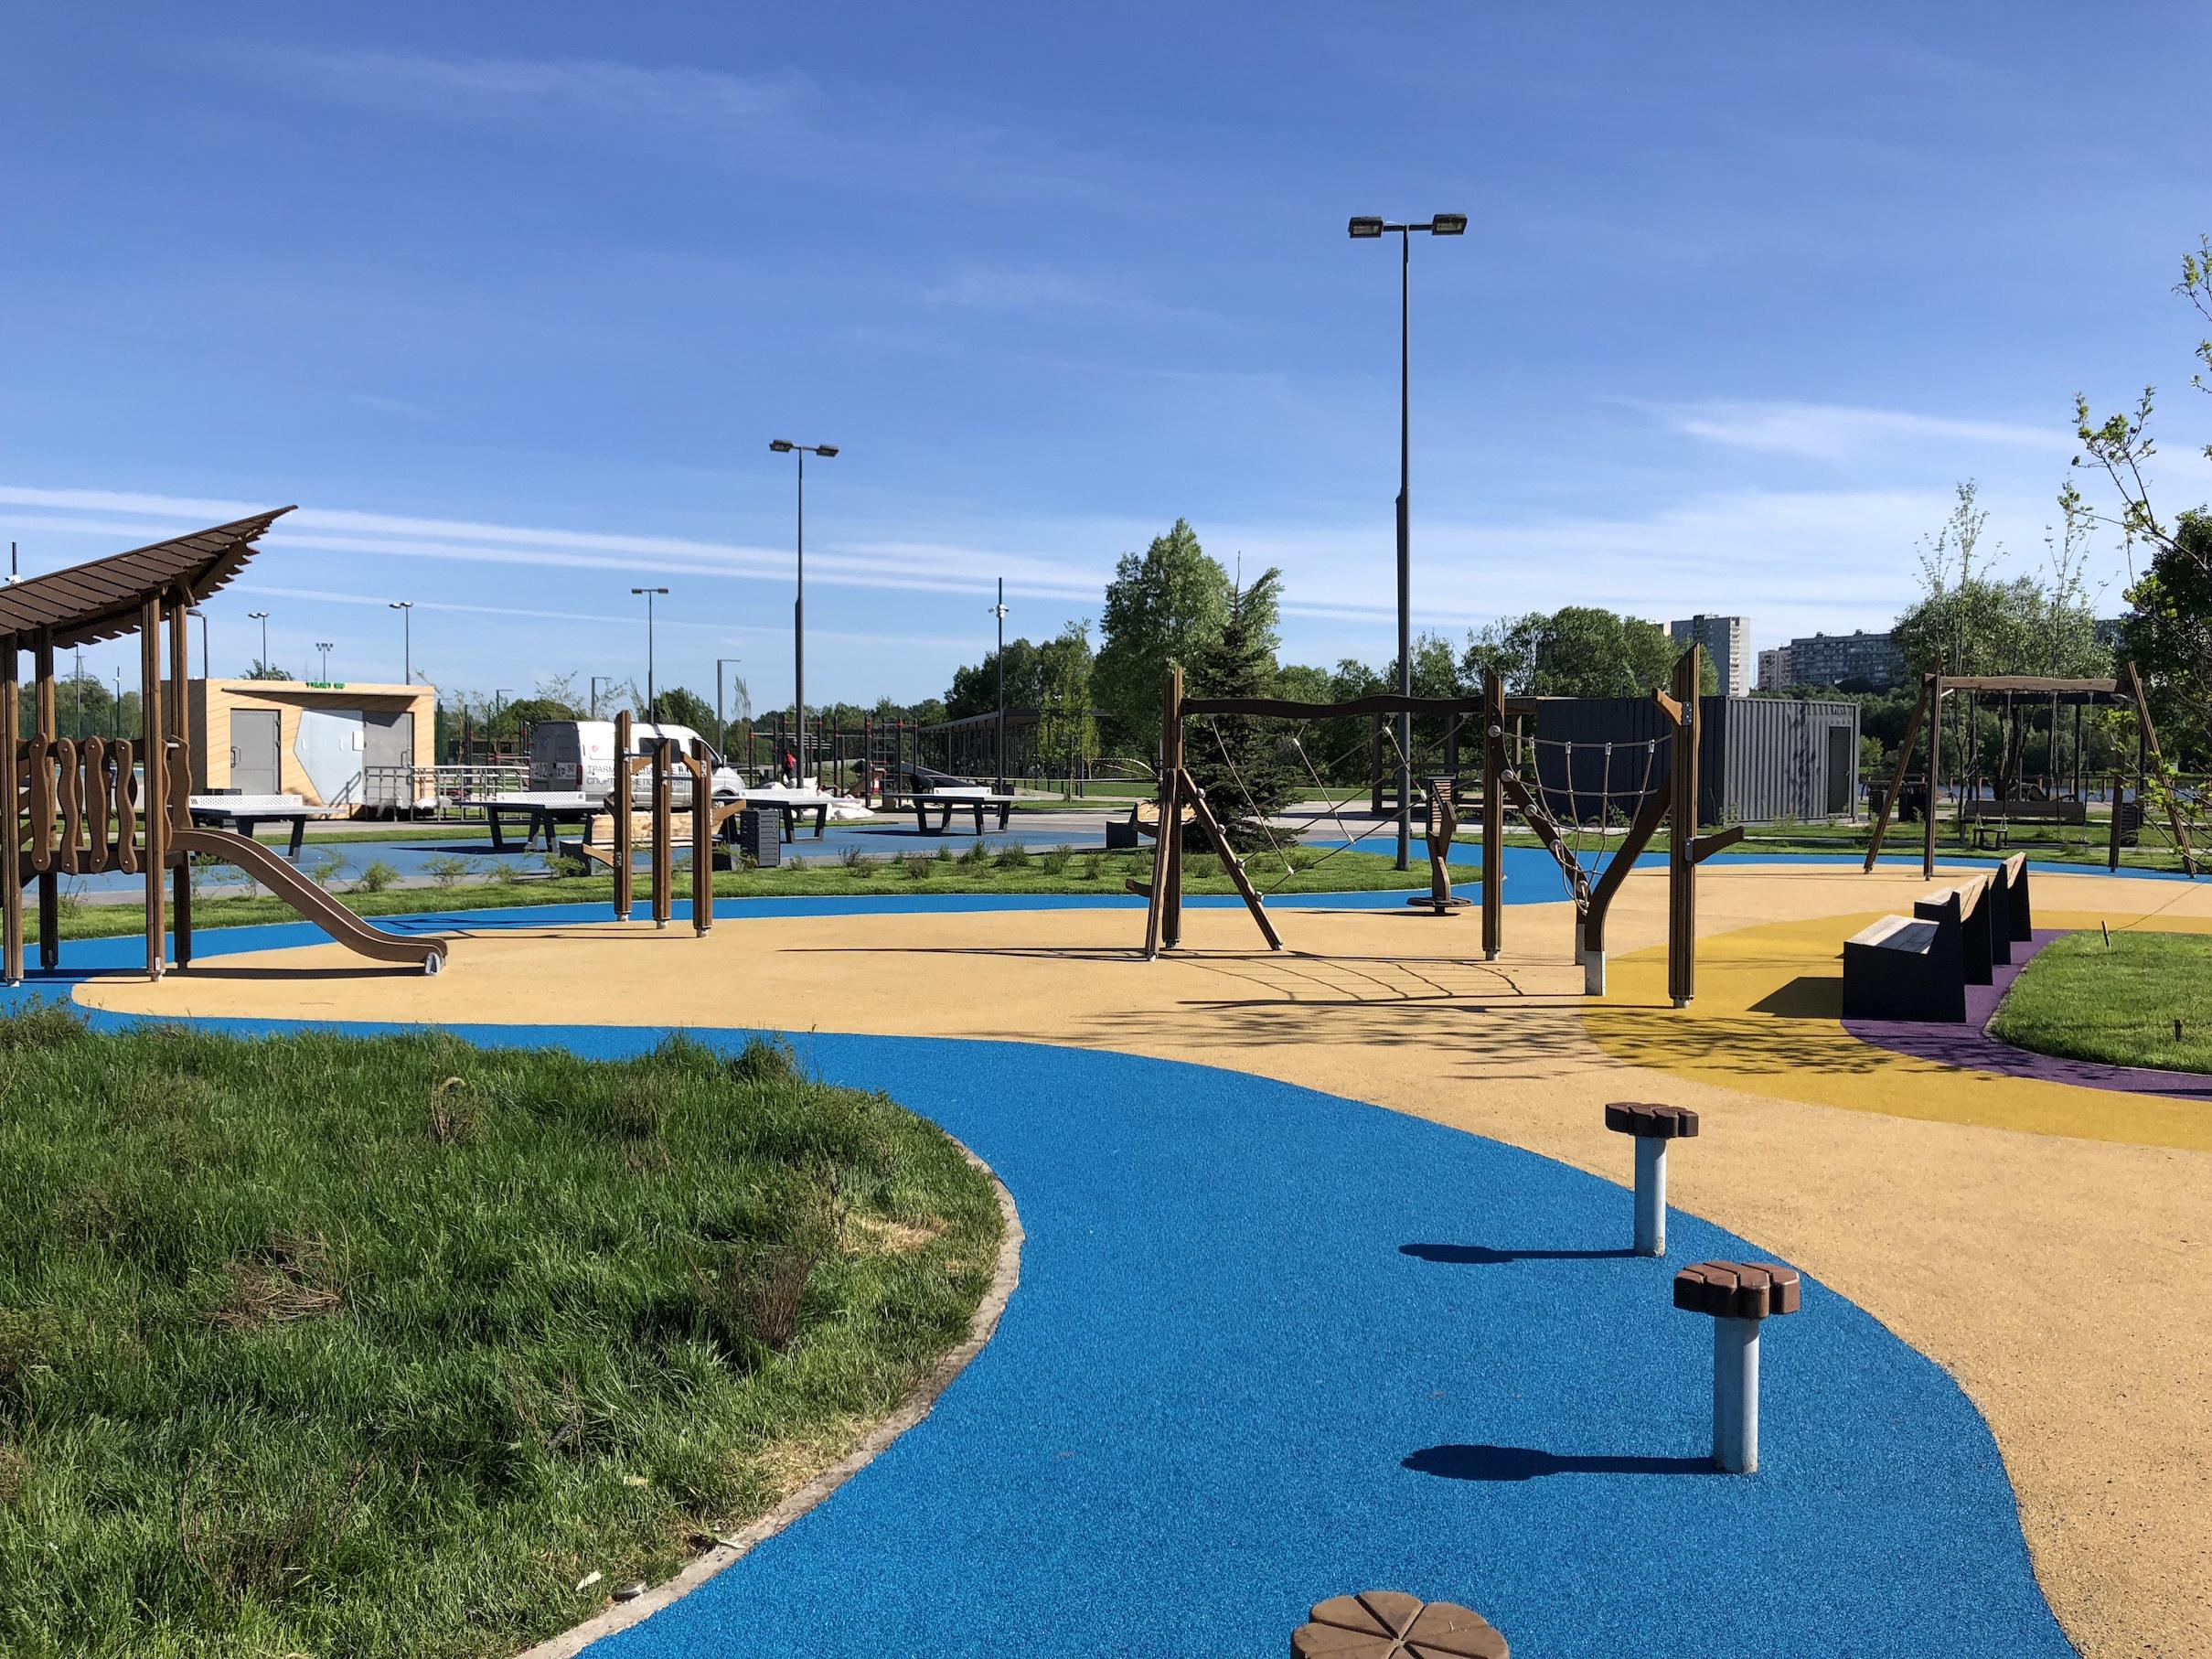 Детская площадка с покрытием ЭПДМ в парке братеевской поймы